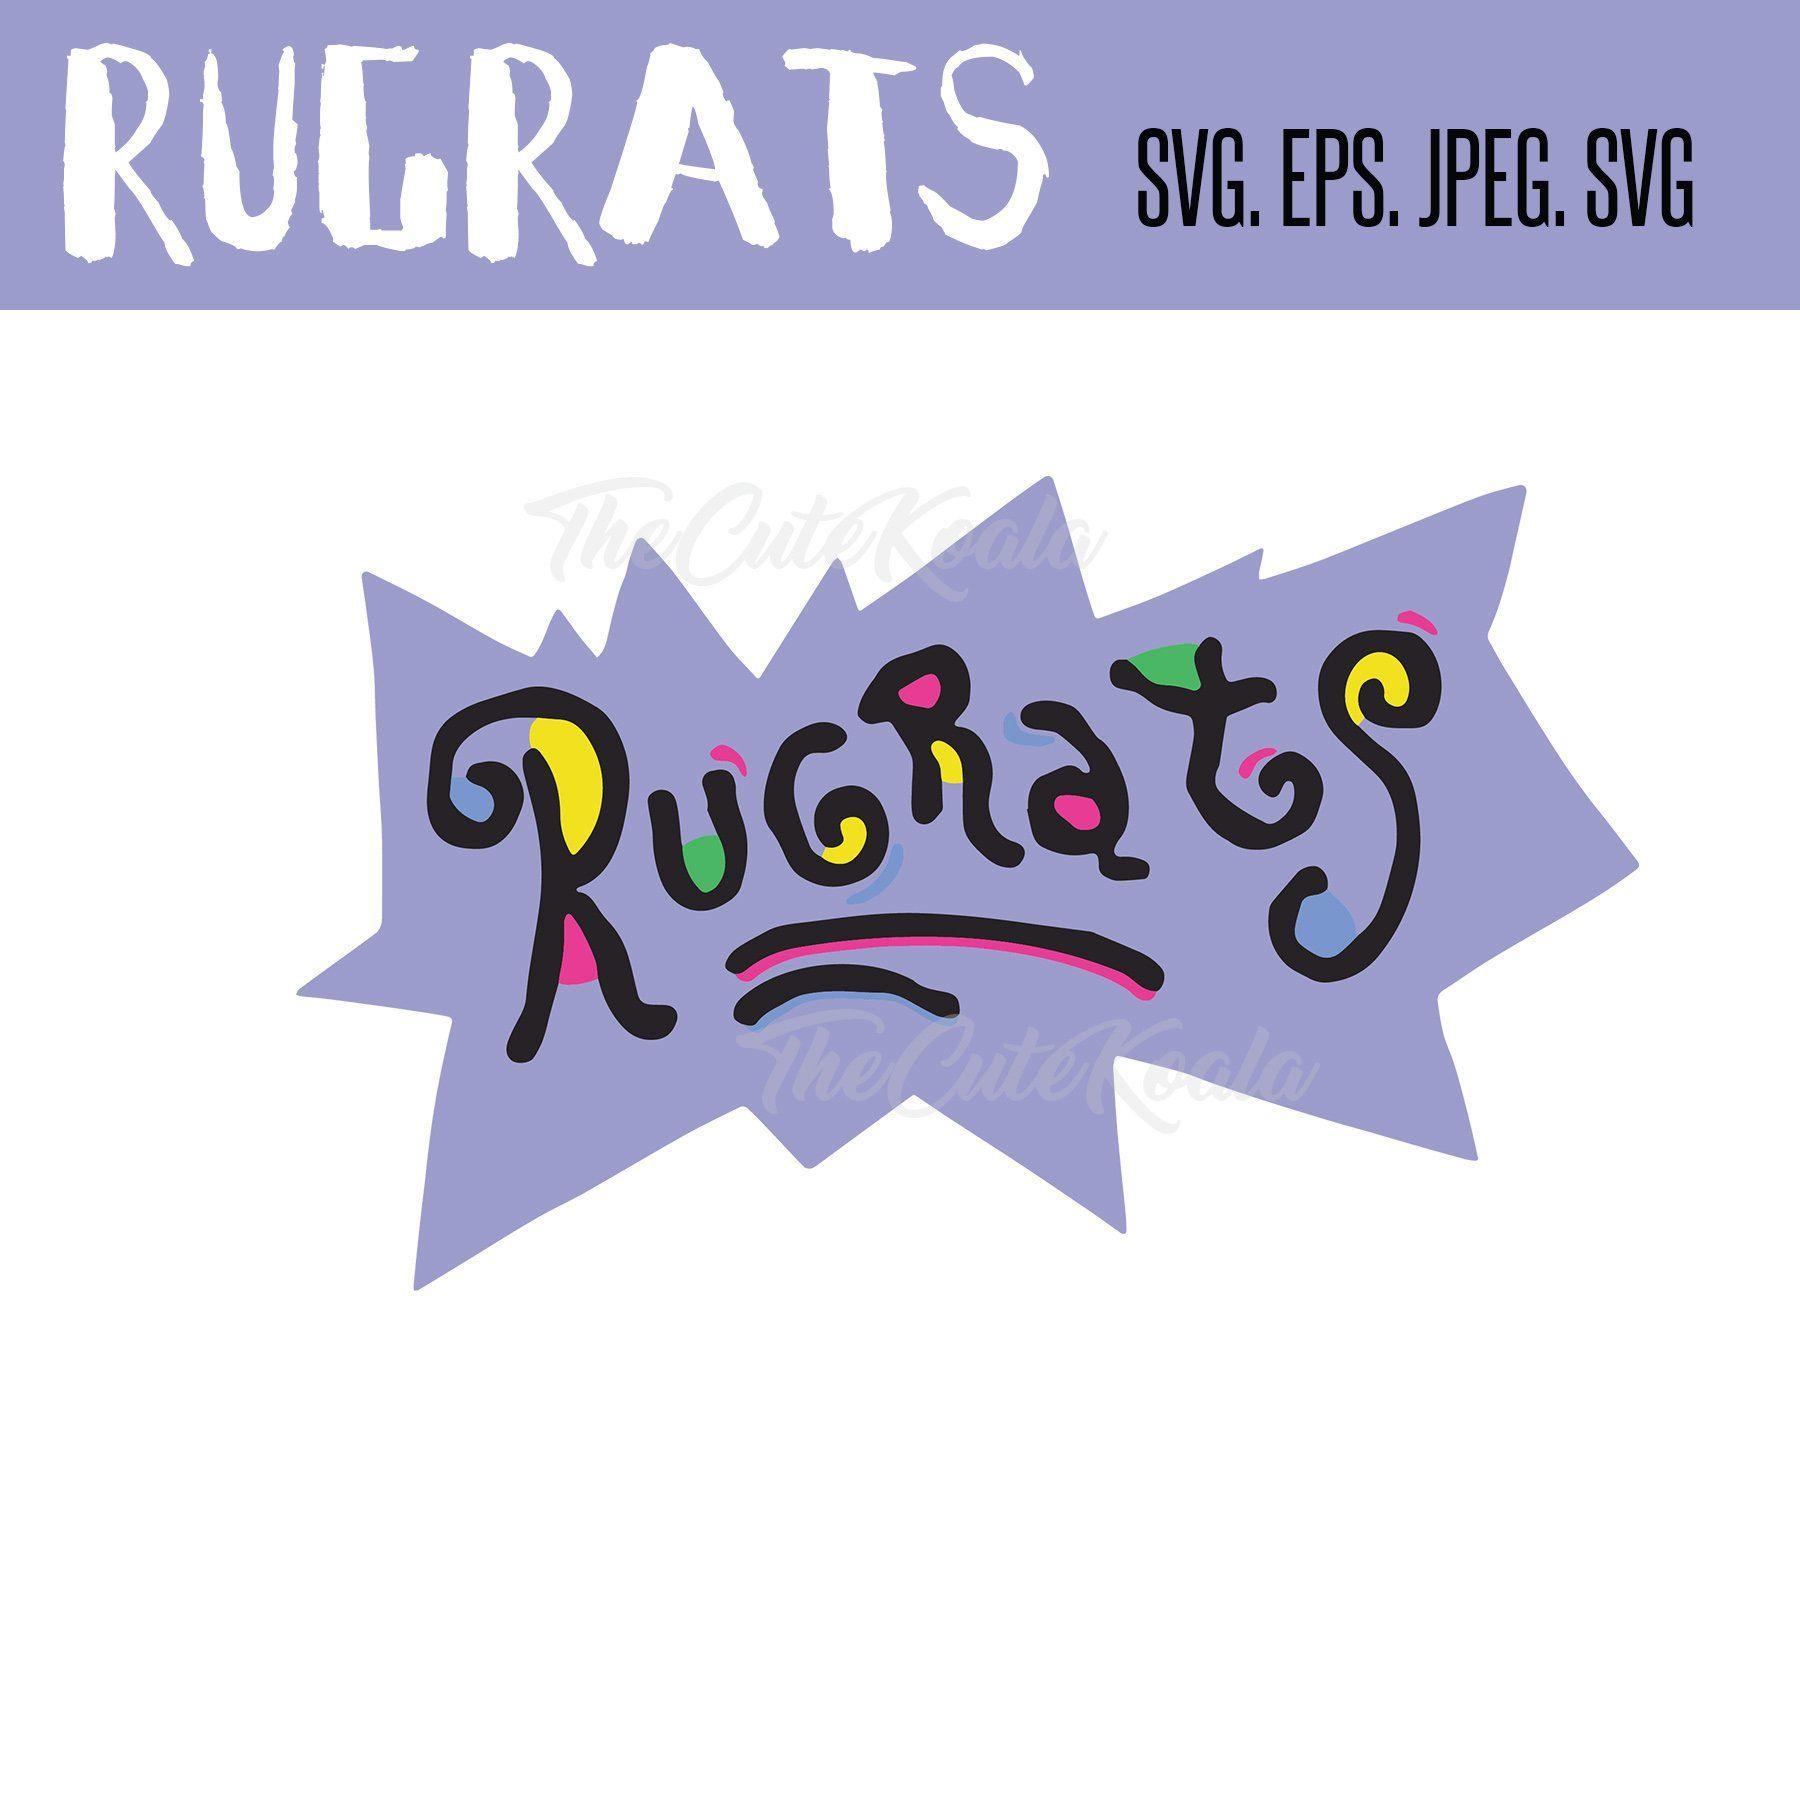 RUGRATS SVG File | SVG cutting files | Rugrats, Svg file